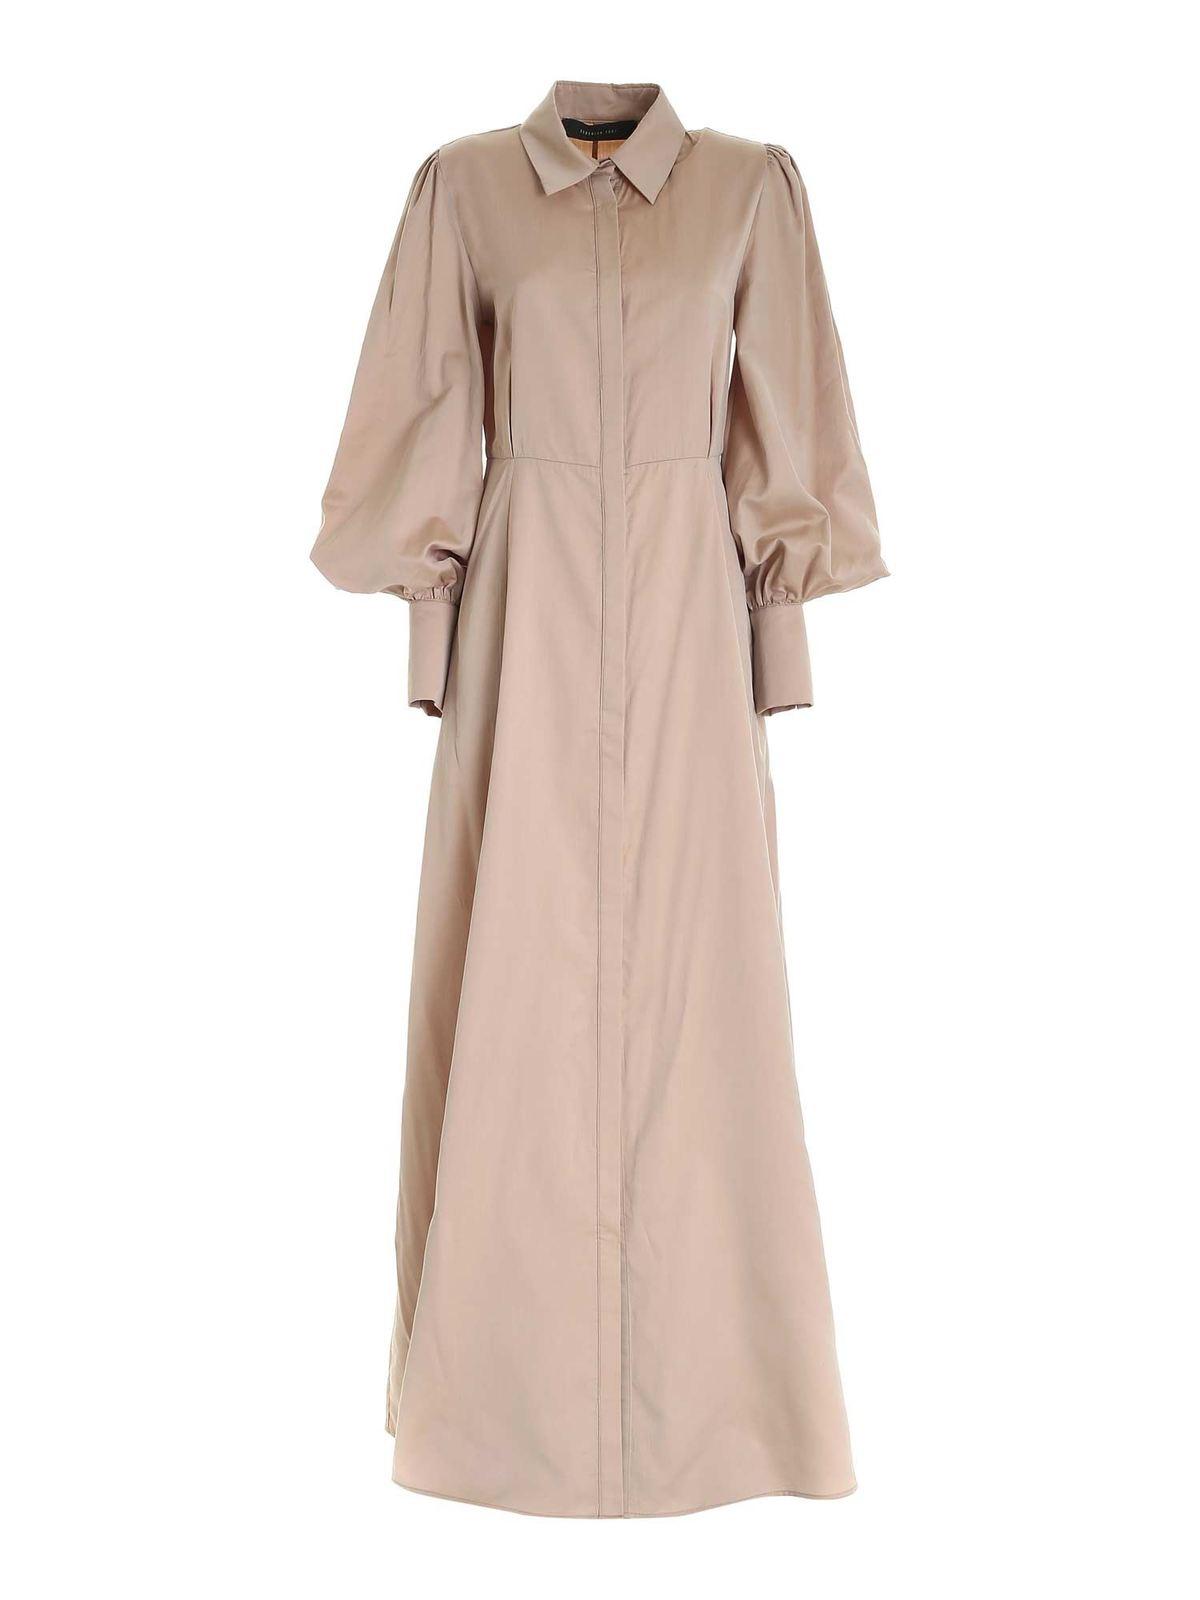 Federica Tosi SHIRT DRESS IN BEIGE